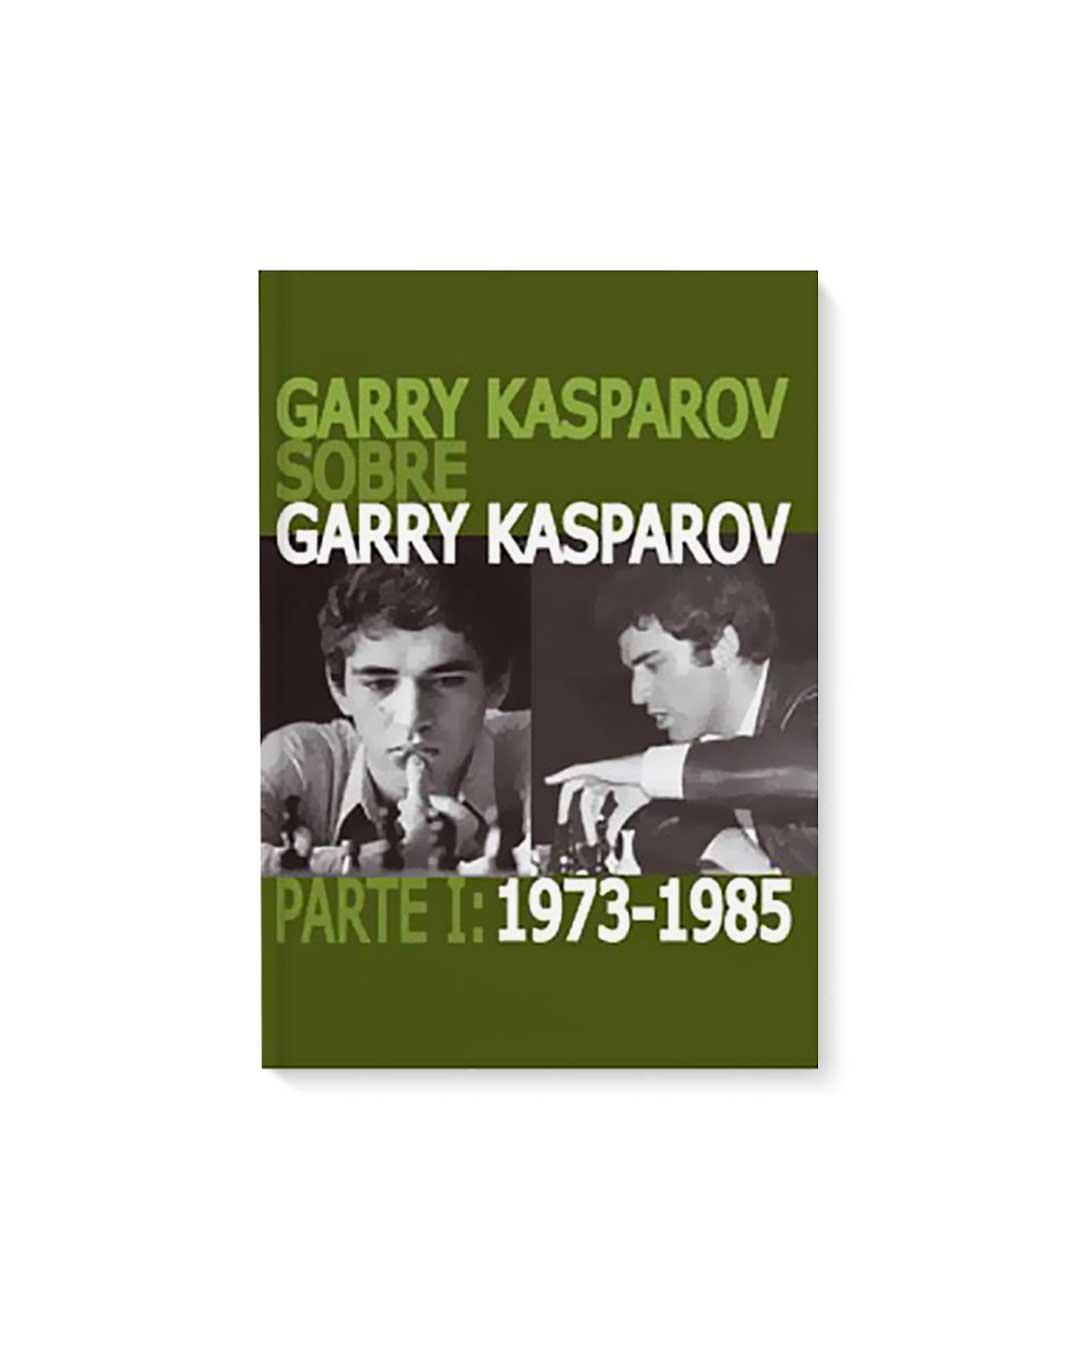 Garry Kasparov sobre Garry Kasparov. Parte 1: 1973-1985 Tapa dura